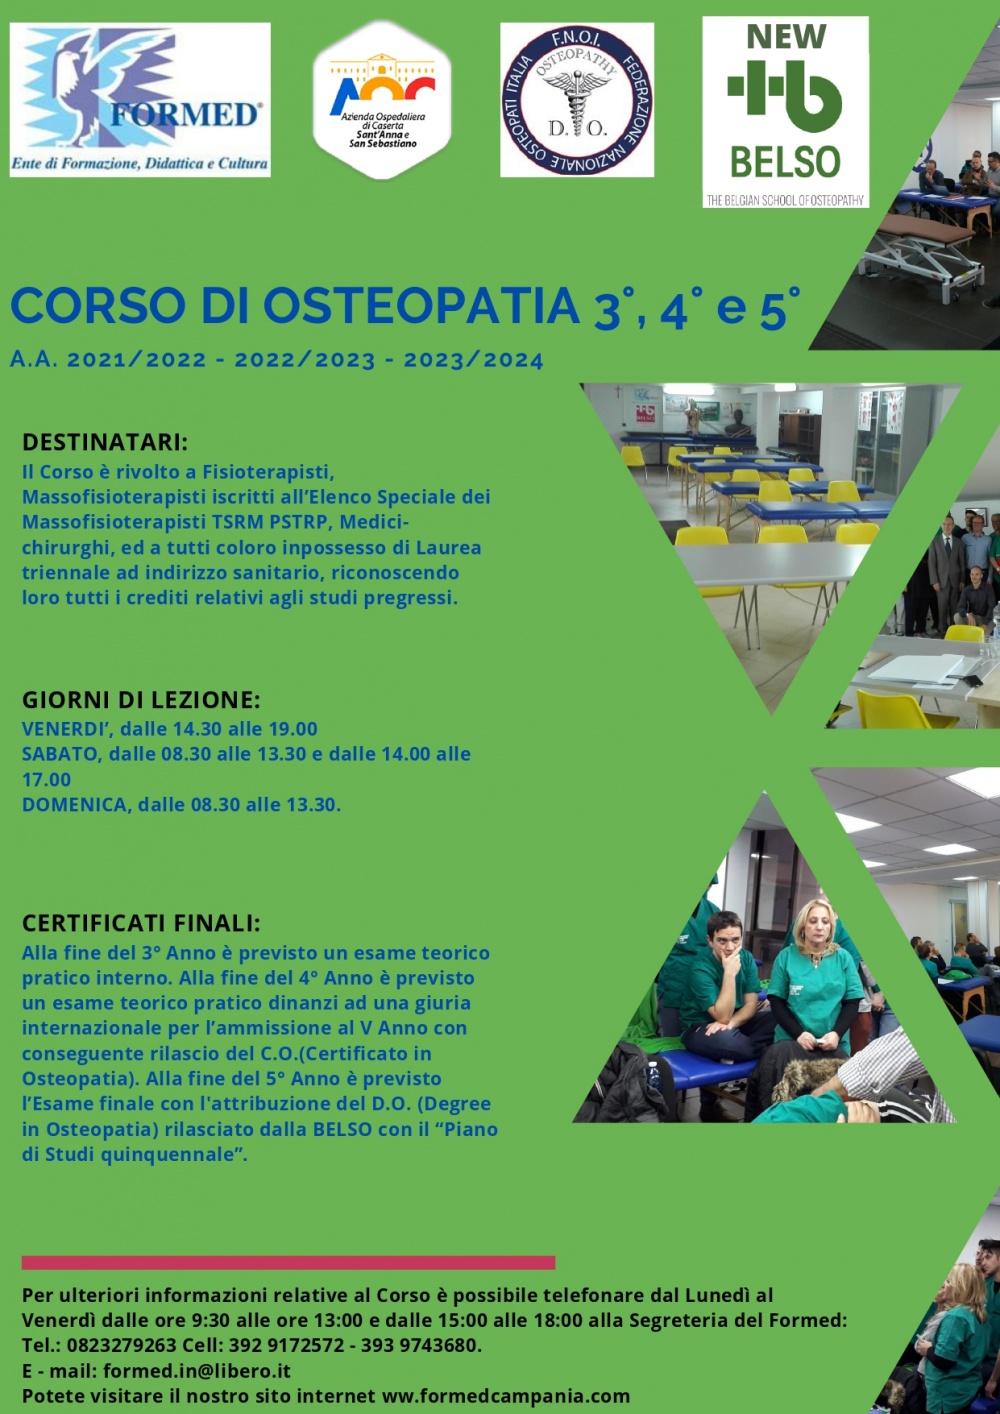 CORSO DI OSTEOPATIA 3°, 4° e 5° a.a. 20212022 - 20222023 - 20232024_page-0001